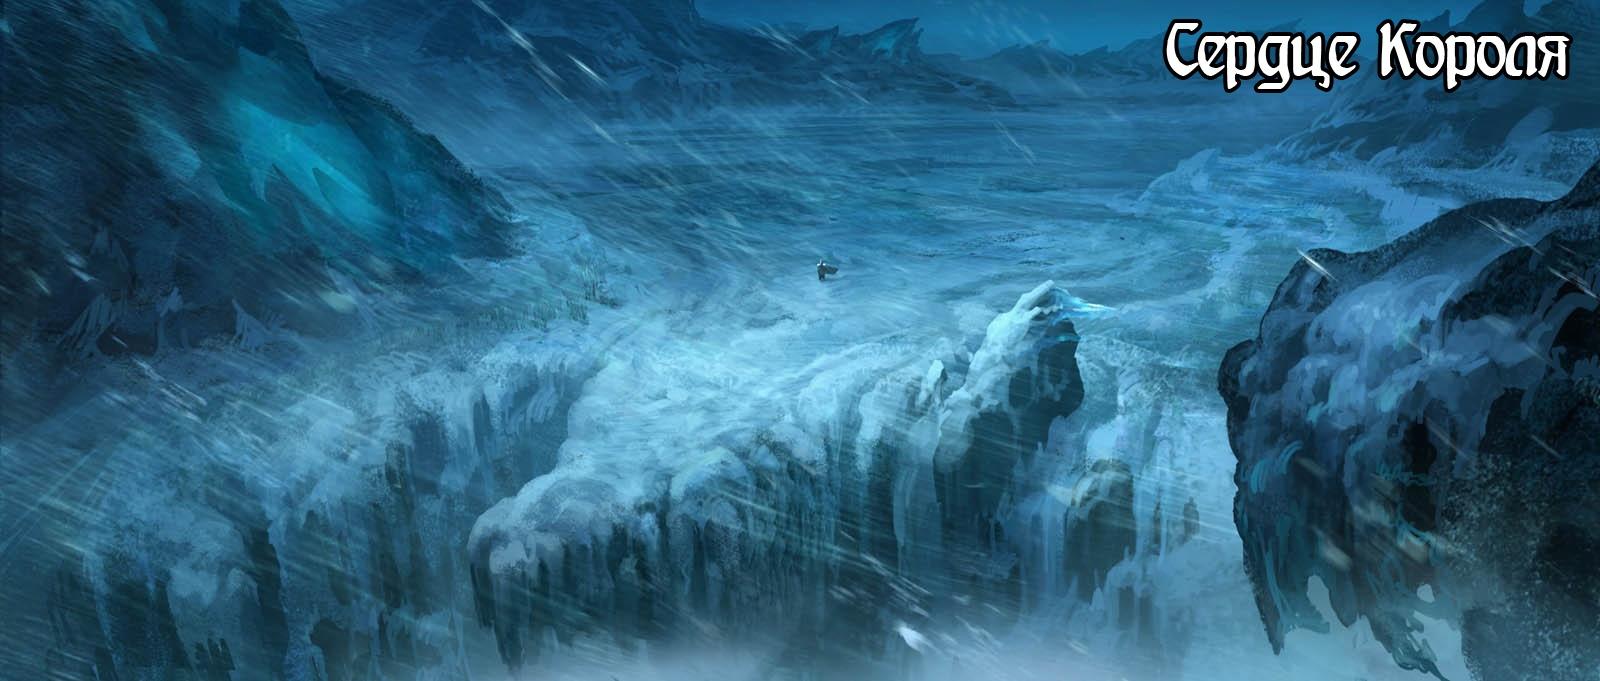 Где брать квесты в ледяной короне